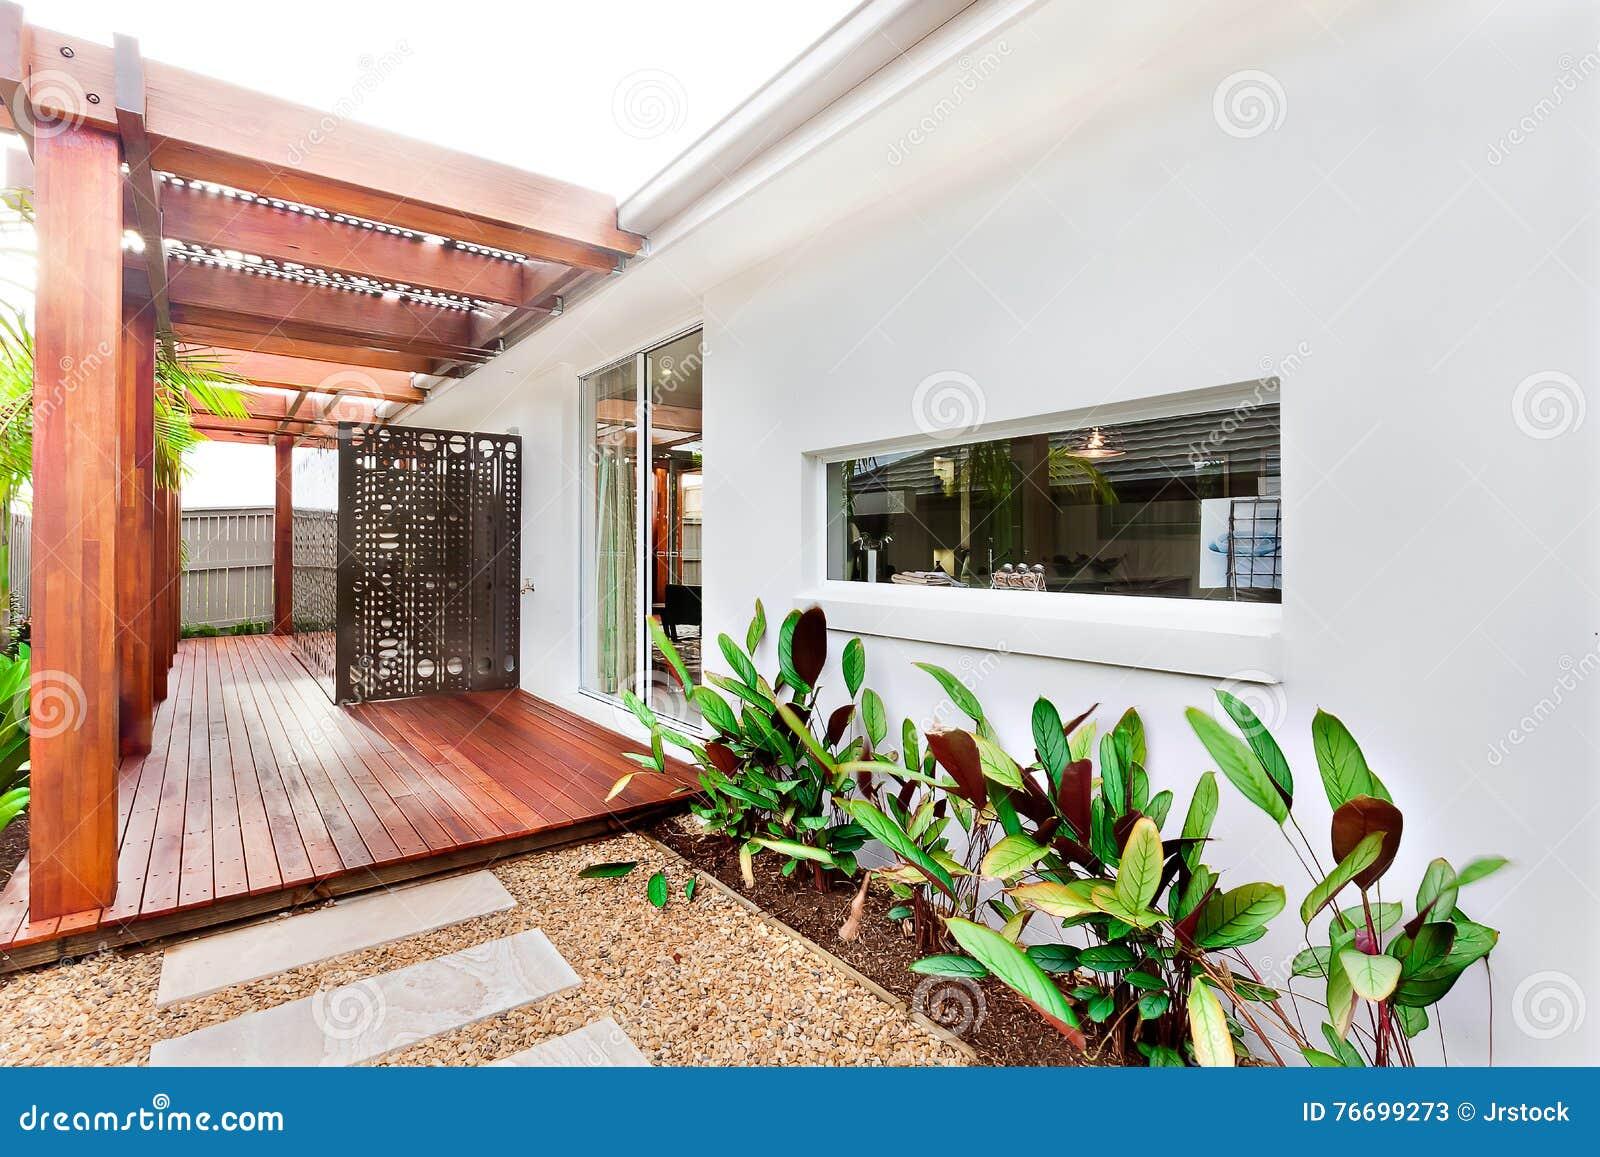 Esterno Di Una Casa : Entrata o facciata dall esterno di una casa moderna con legno